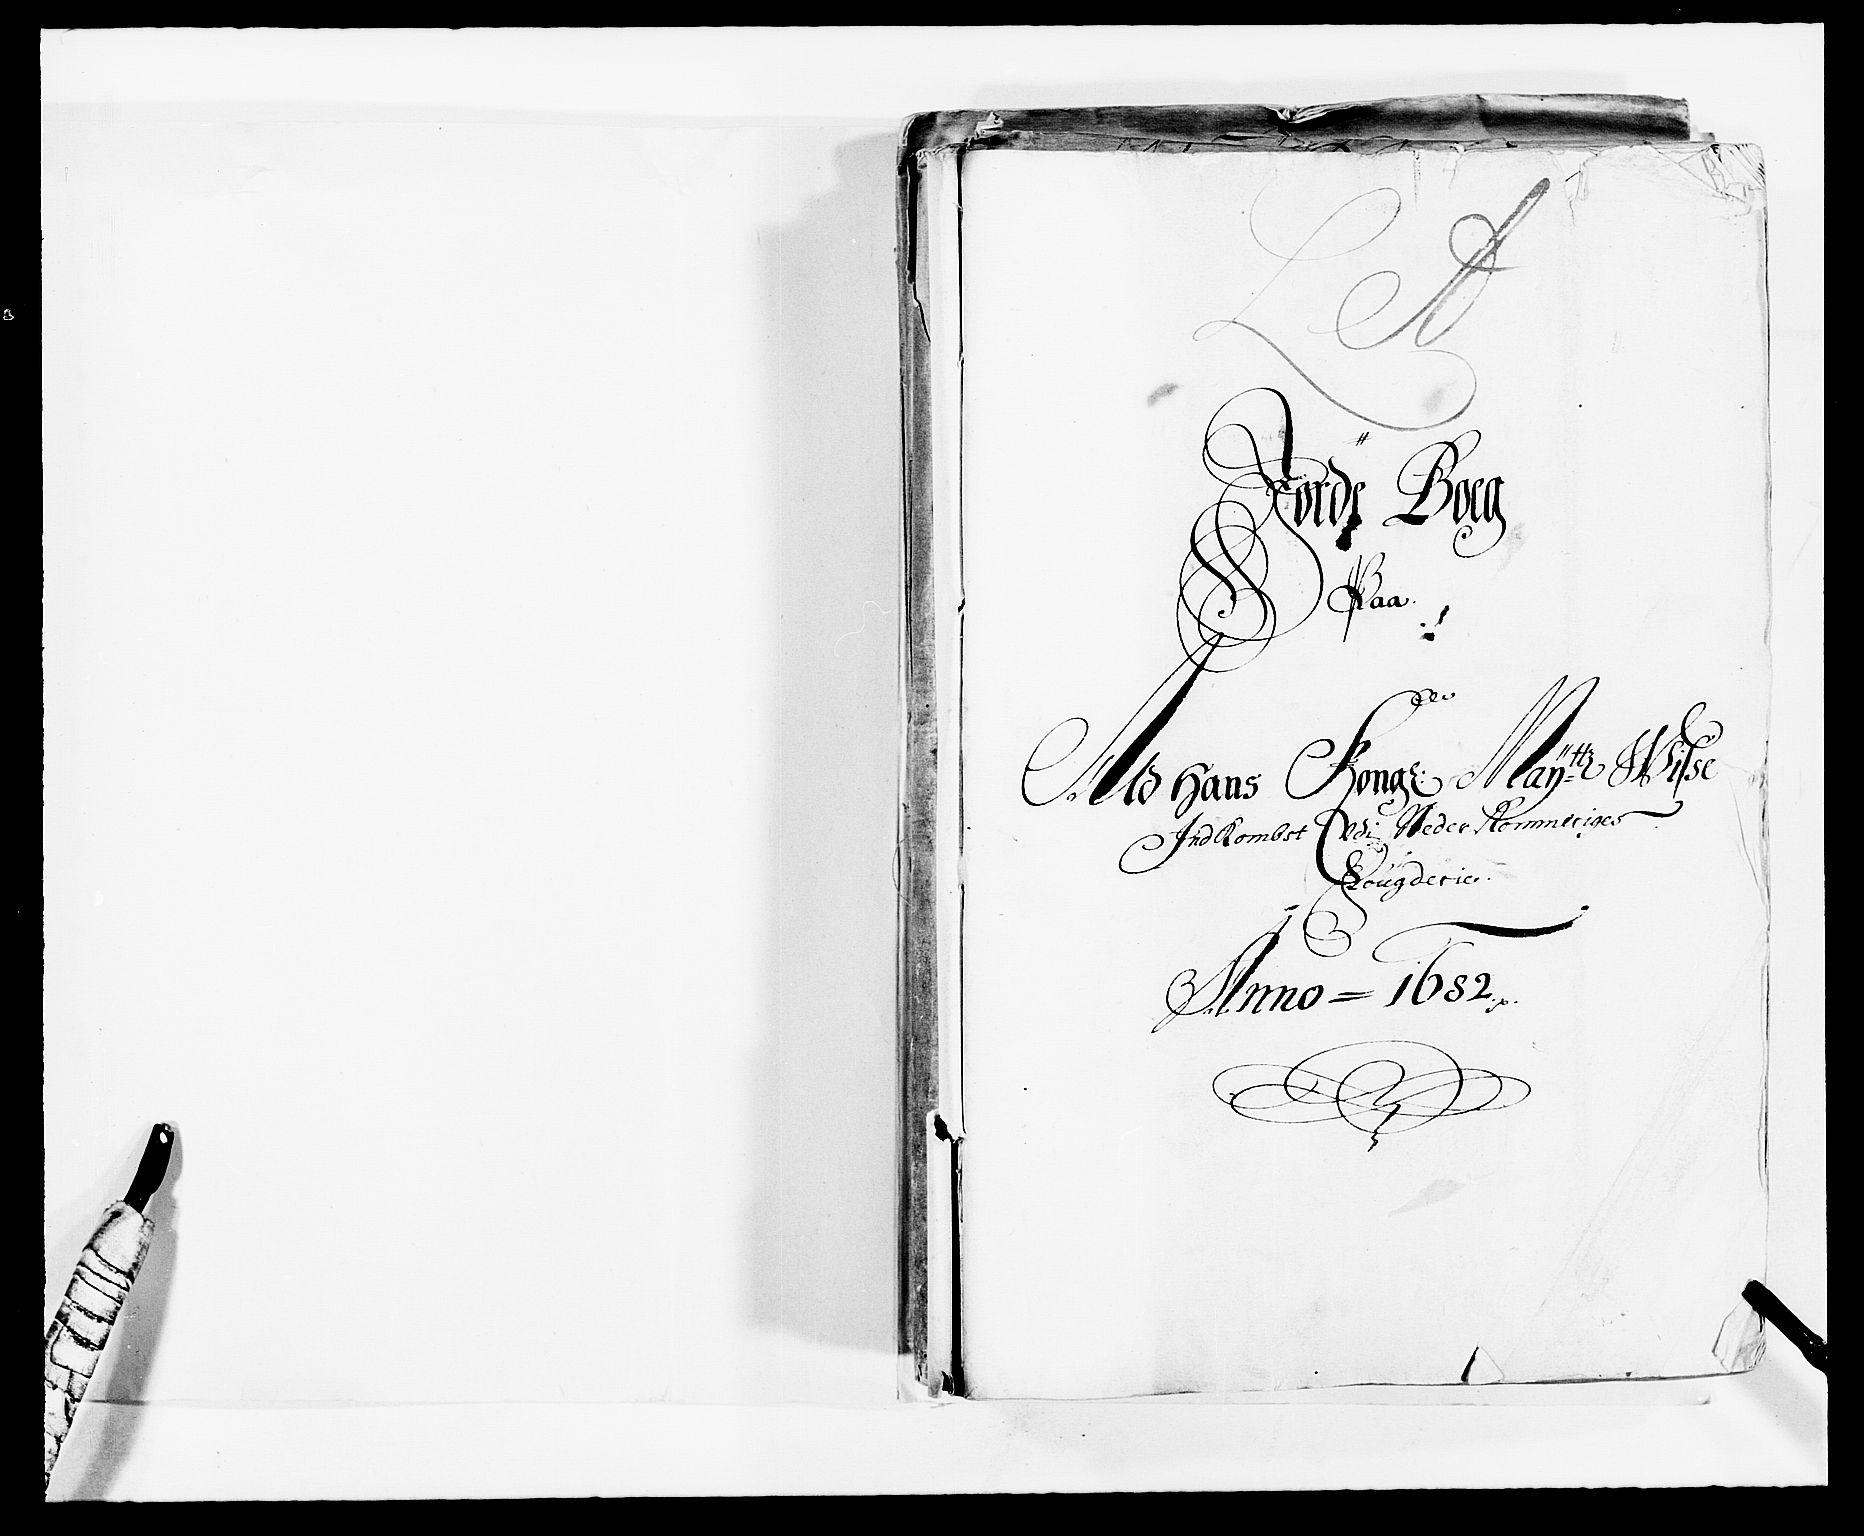 RA, Rentekammeret inntil 1814, Reviderte regnskaper, Fogderegnskap, R11/L0570: Fogderegnskap Nedre Romerike, 1682, s. 2